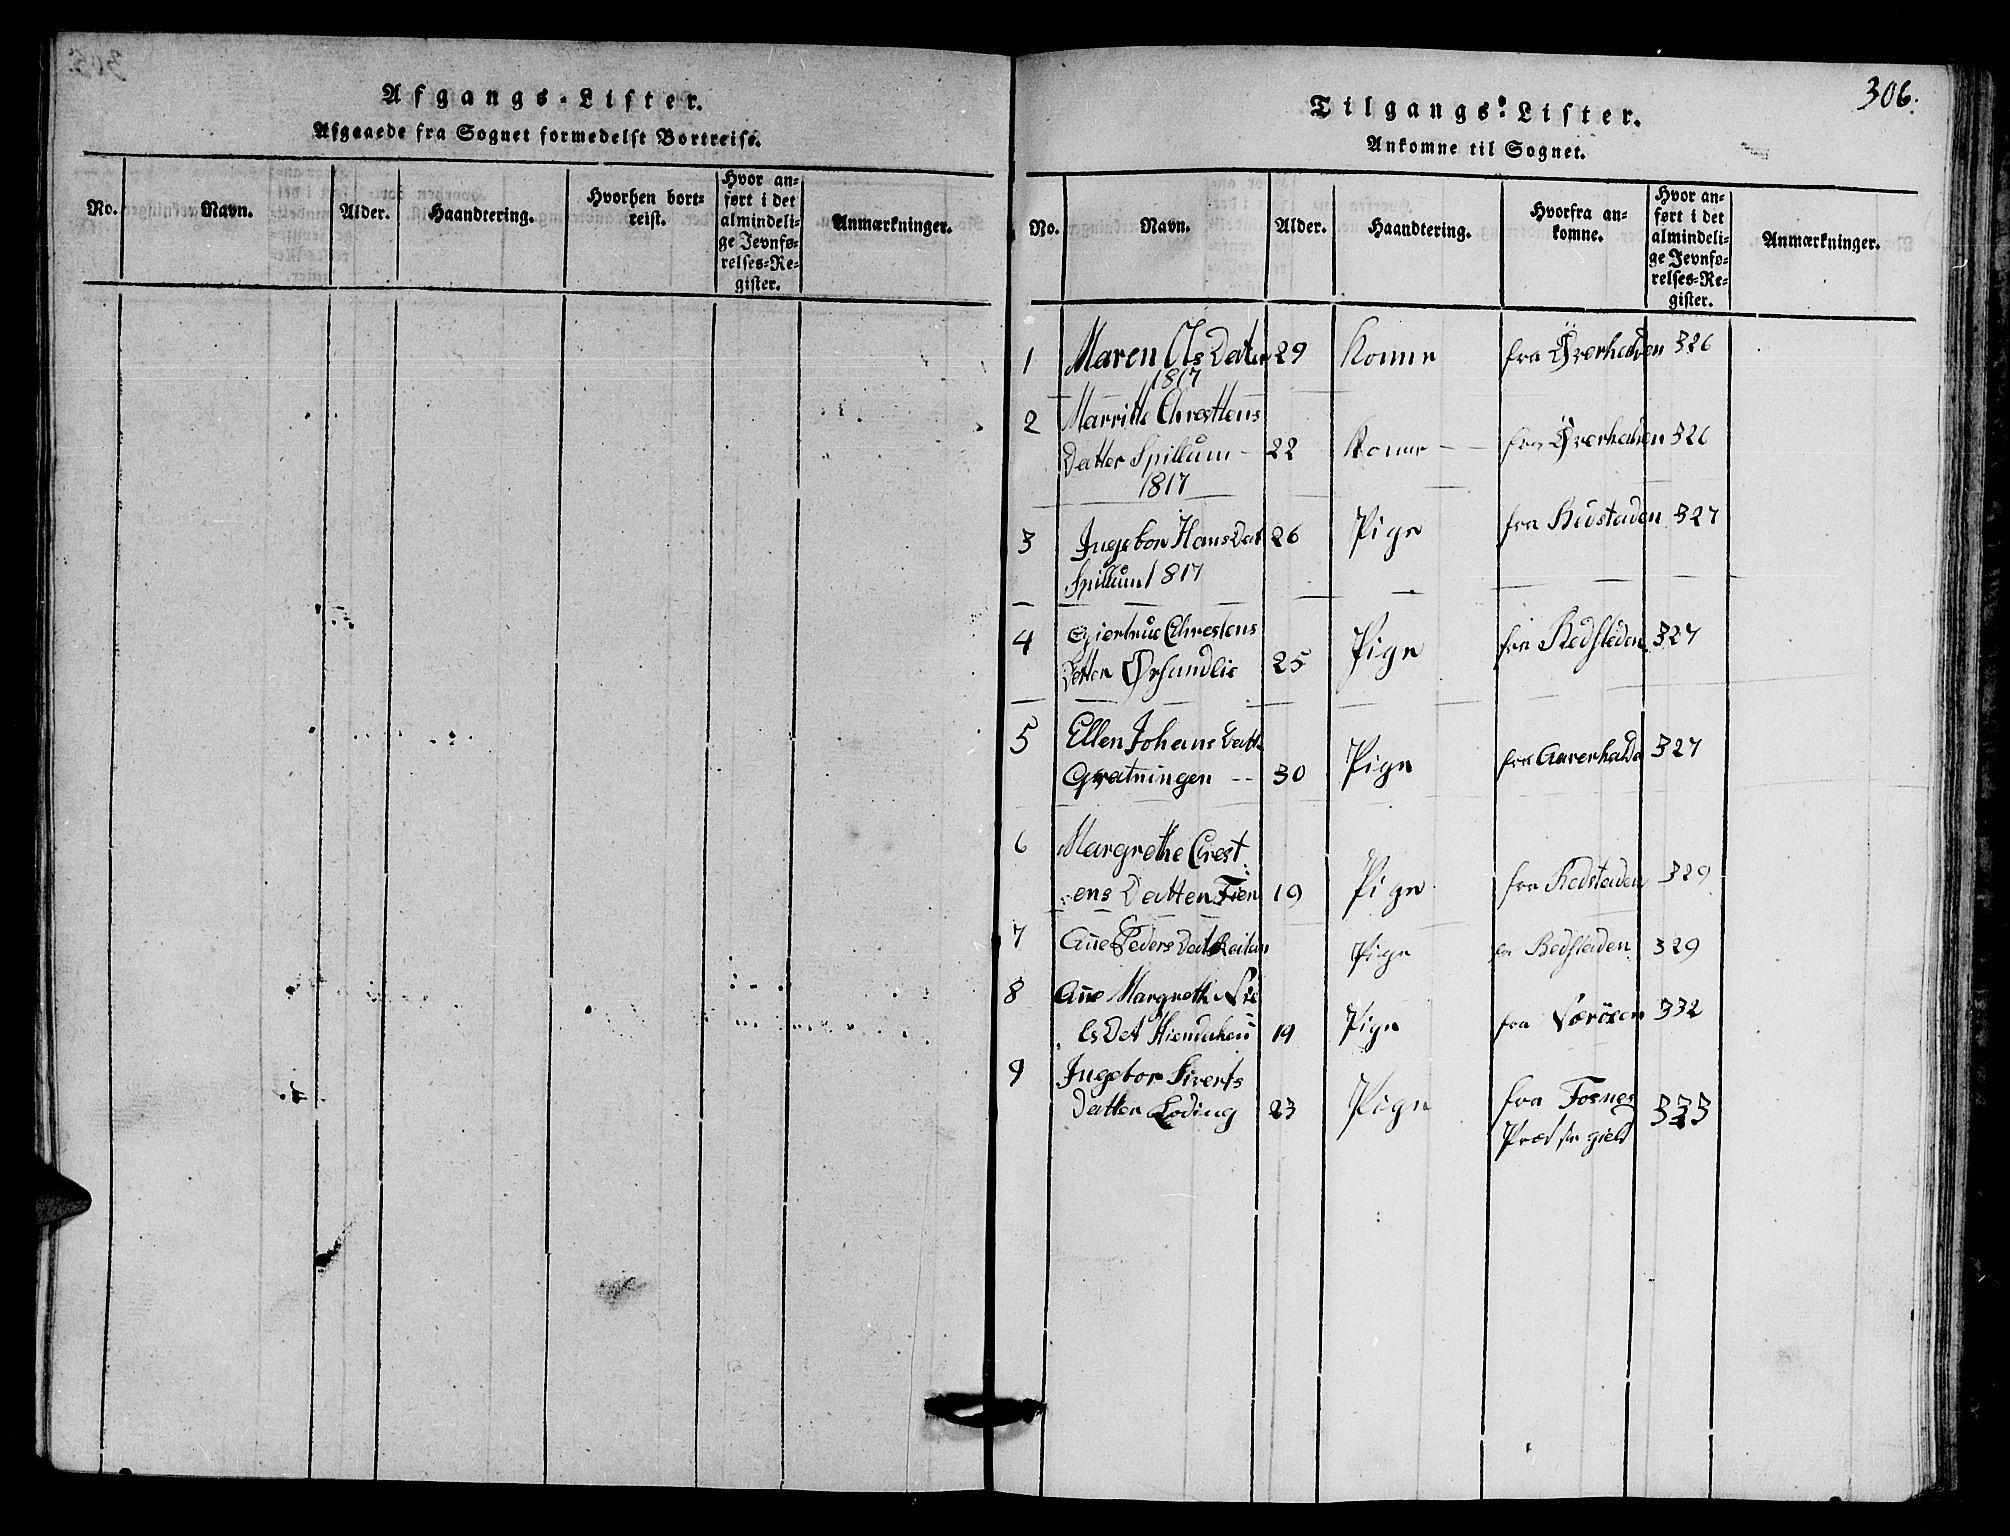 SAT, Ministerialprotokoller, klokkerbøker og fødselsregistre - Nord-Trøndelag, 770/L0590: Klokkerbok nr. 770C01, 1815-1824, s. 306